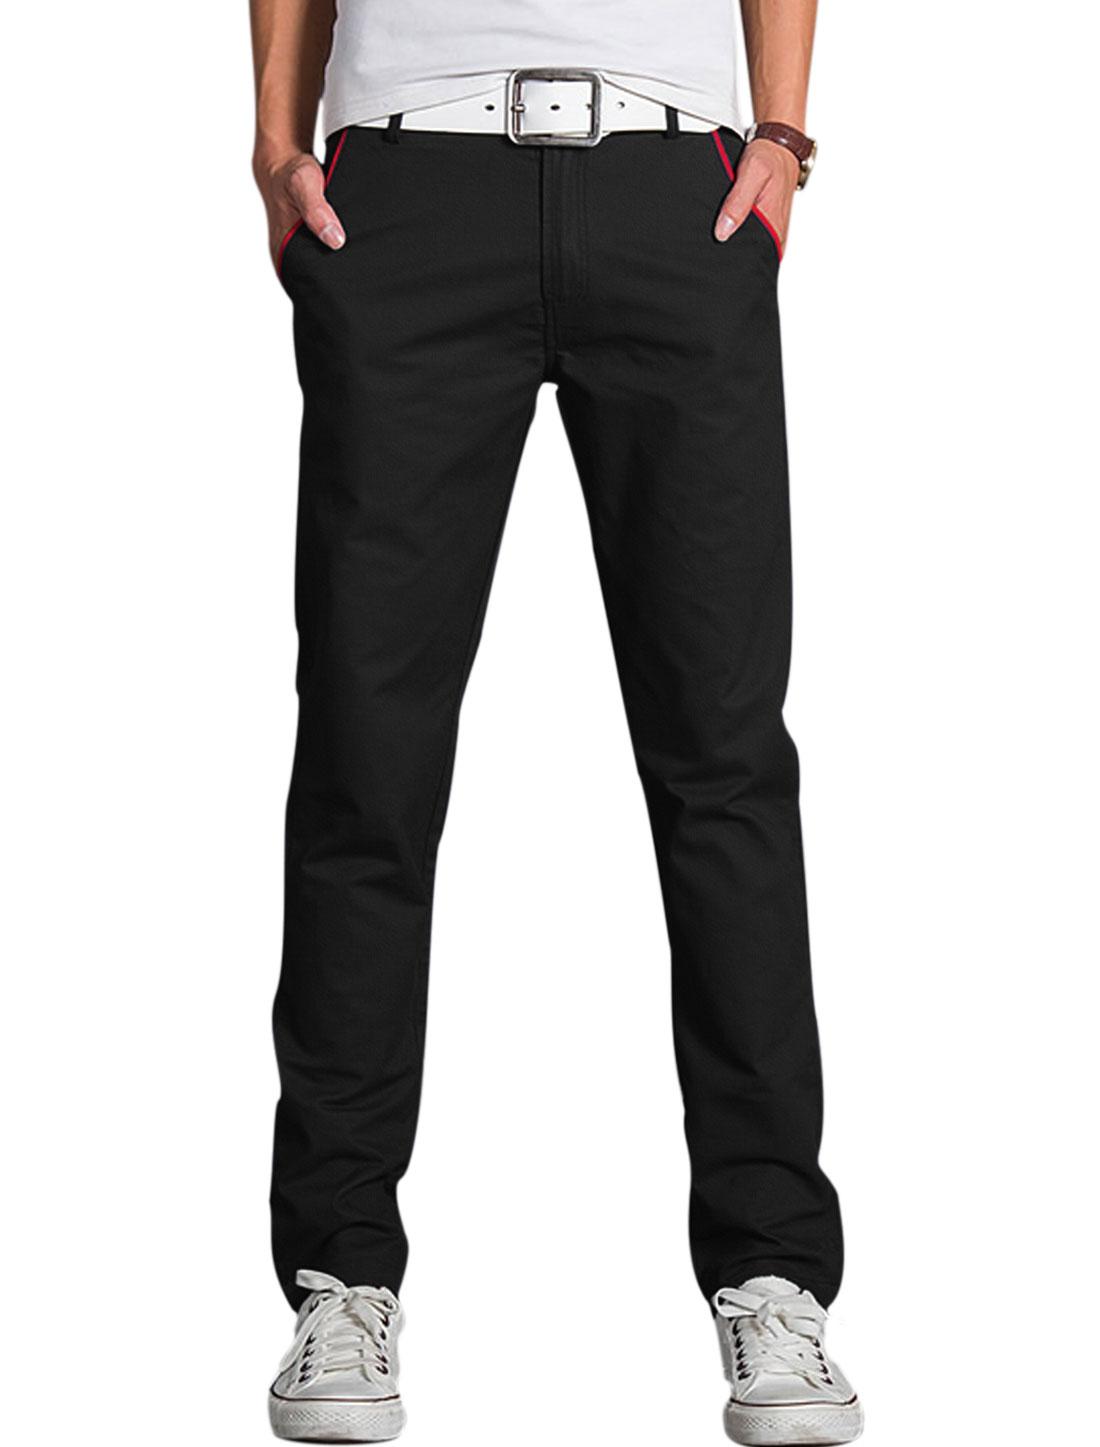 Men Mid Waist Zip Fly Slim Fit Casual Pants Black W36